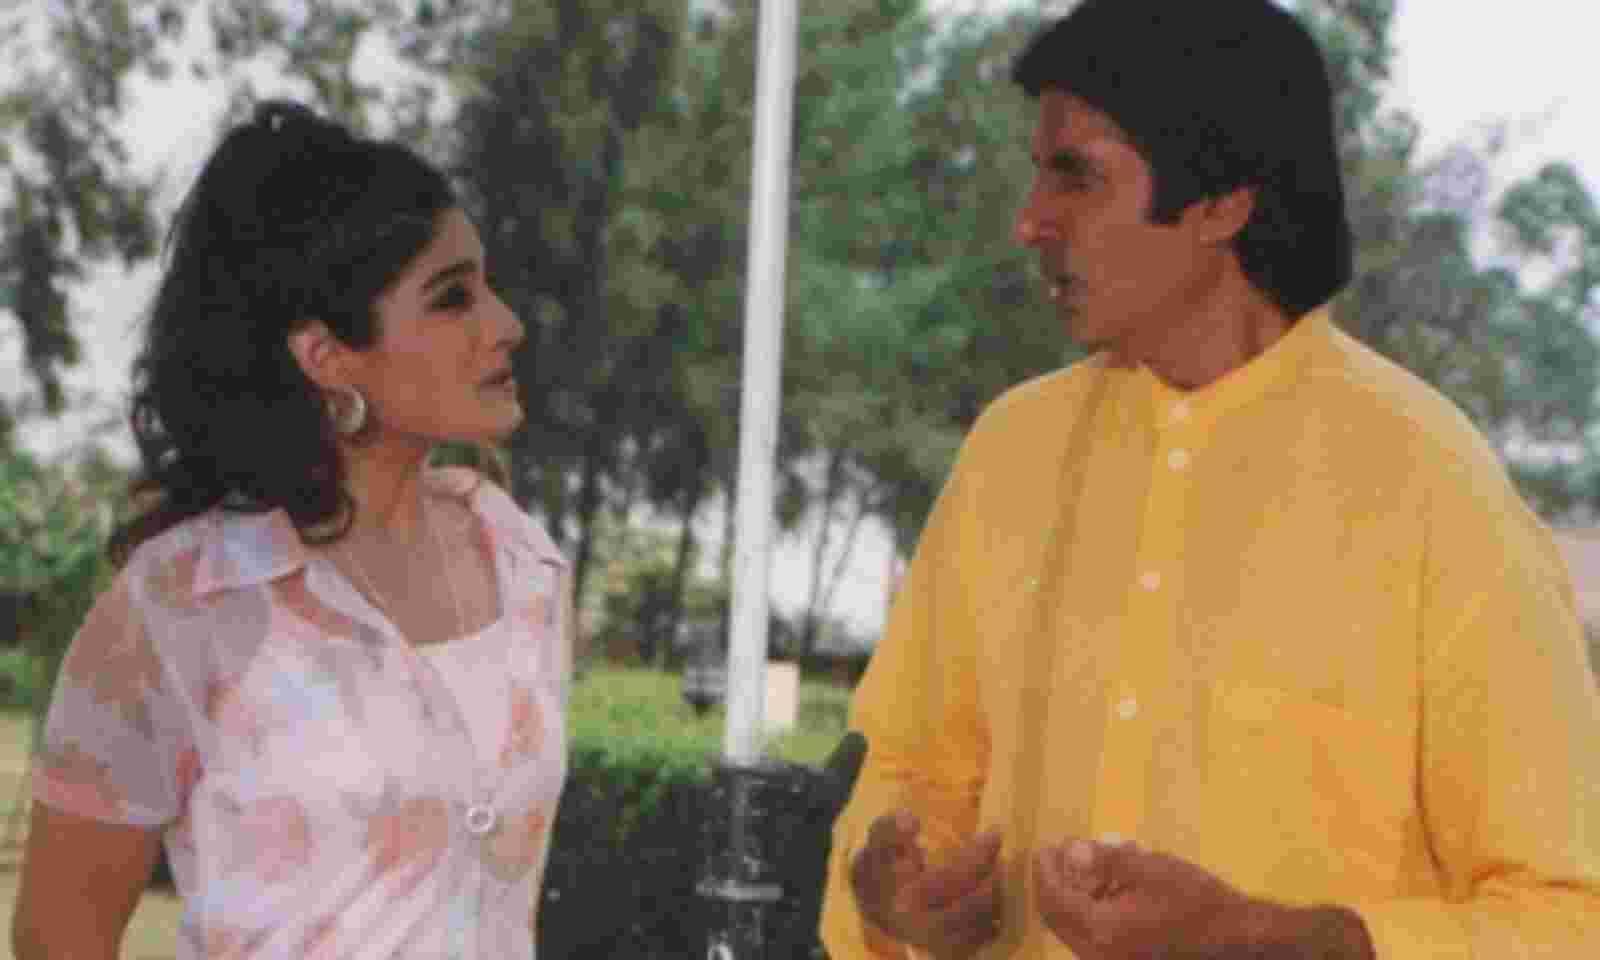 जब बिग बी और गोविंदा के साथ लंच साझा करती थी Raveena Tandon